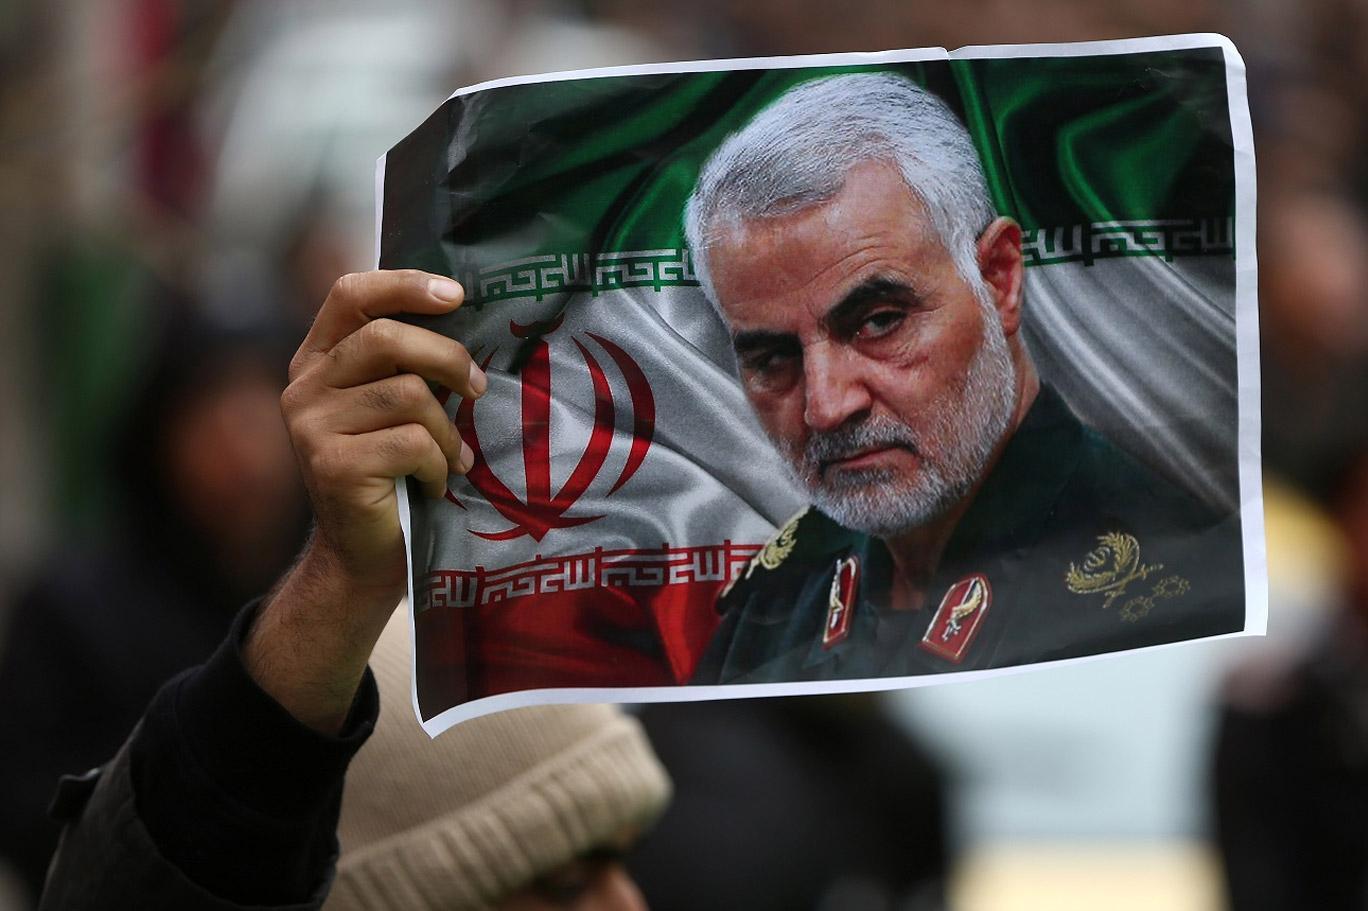 Pentagon'da casusluk: Hizbullah ile bağlantısını kabul etti!